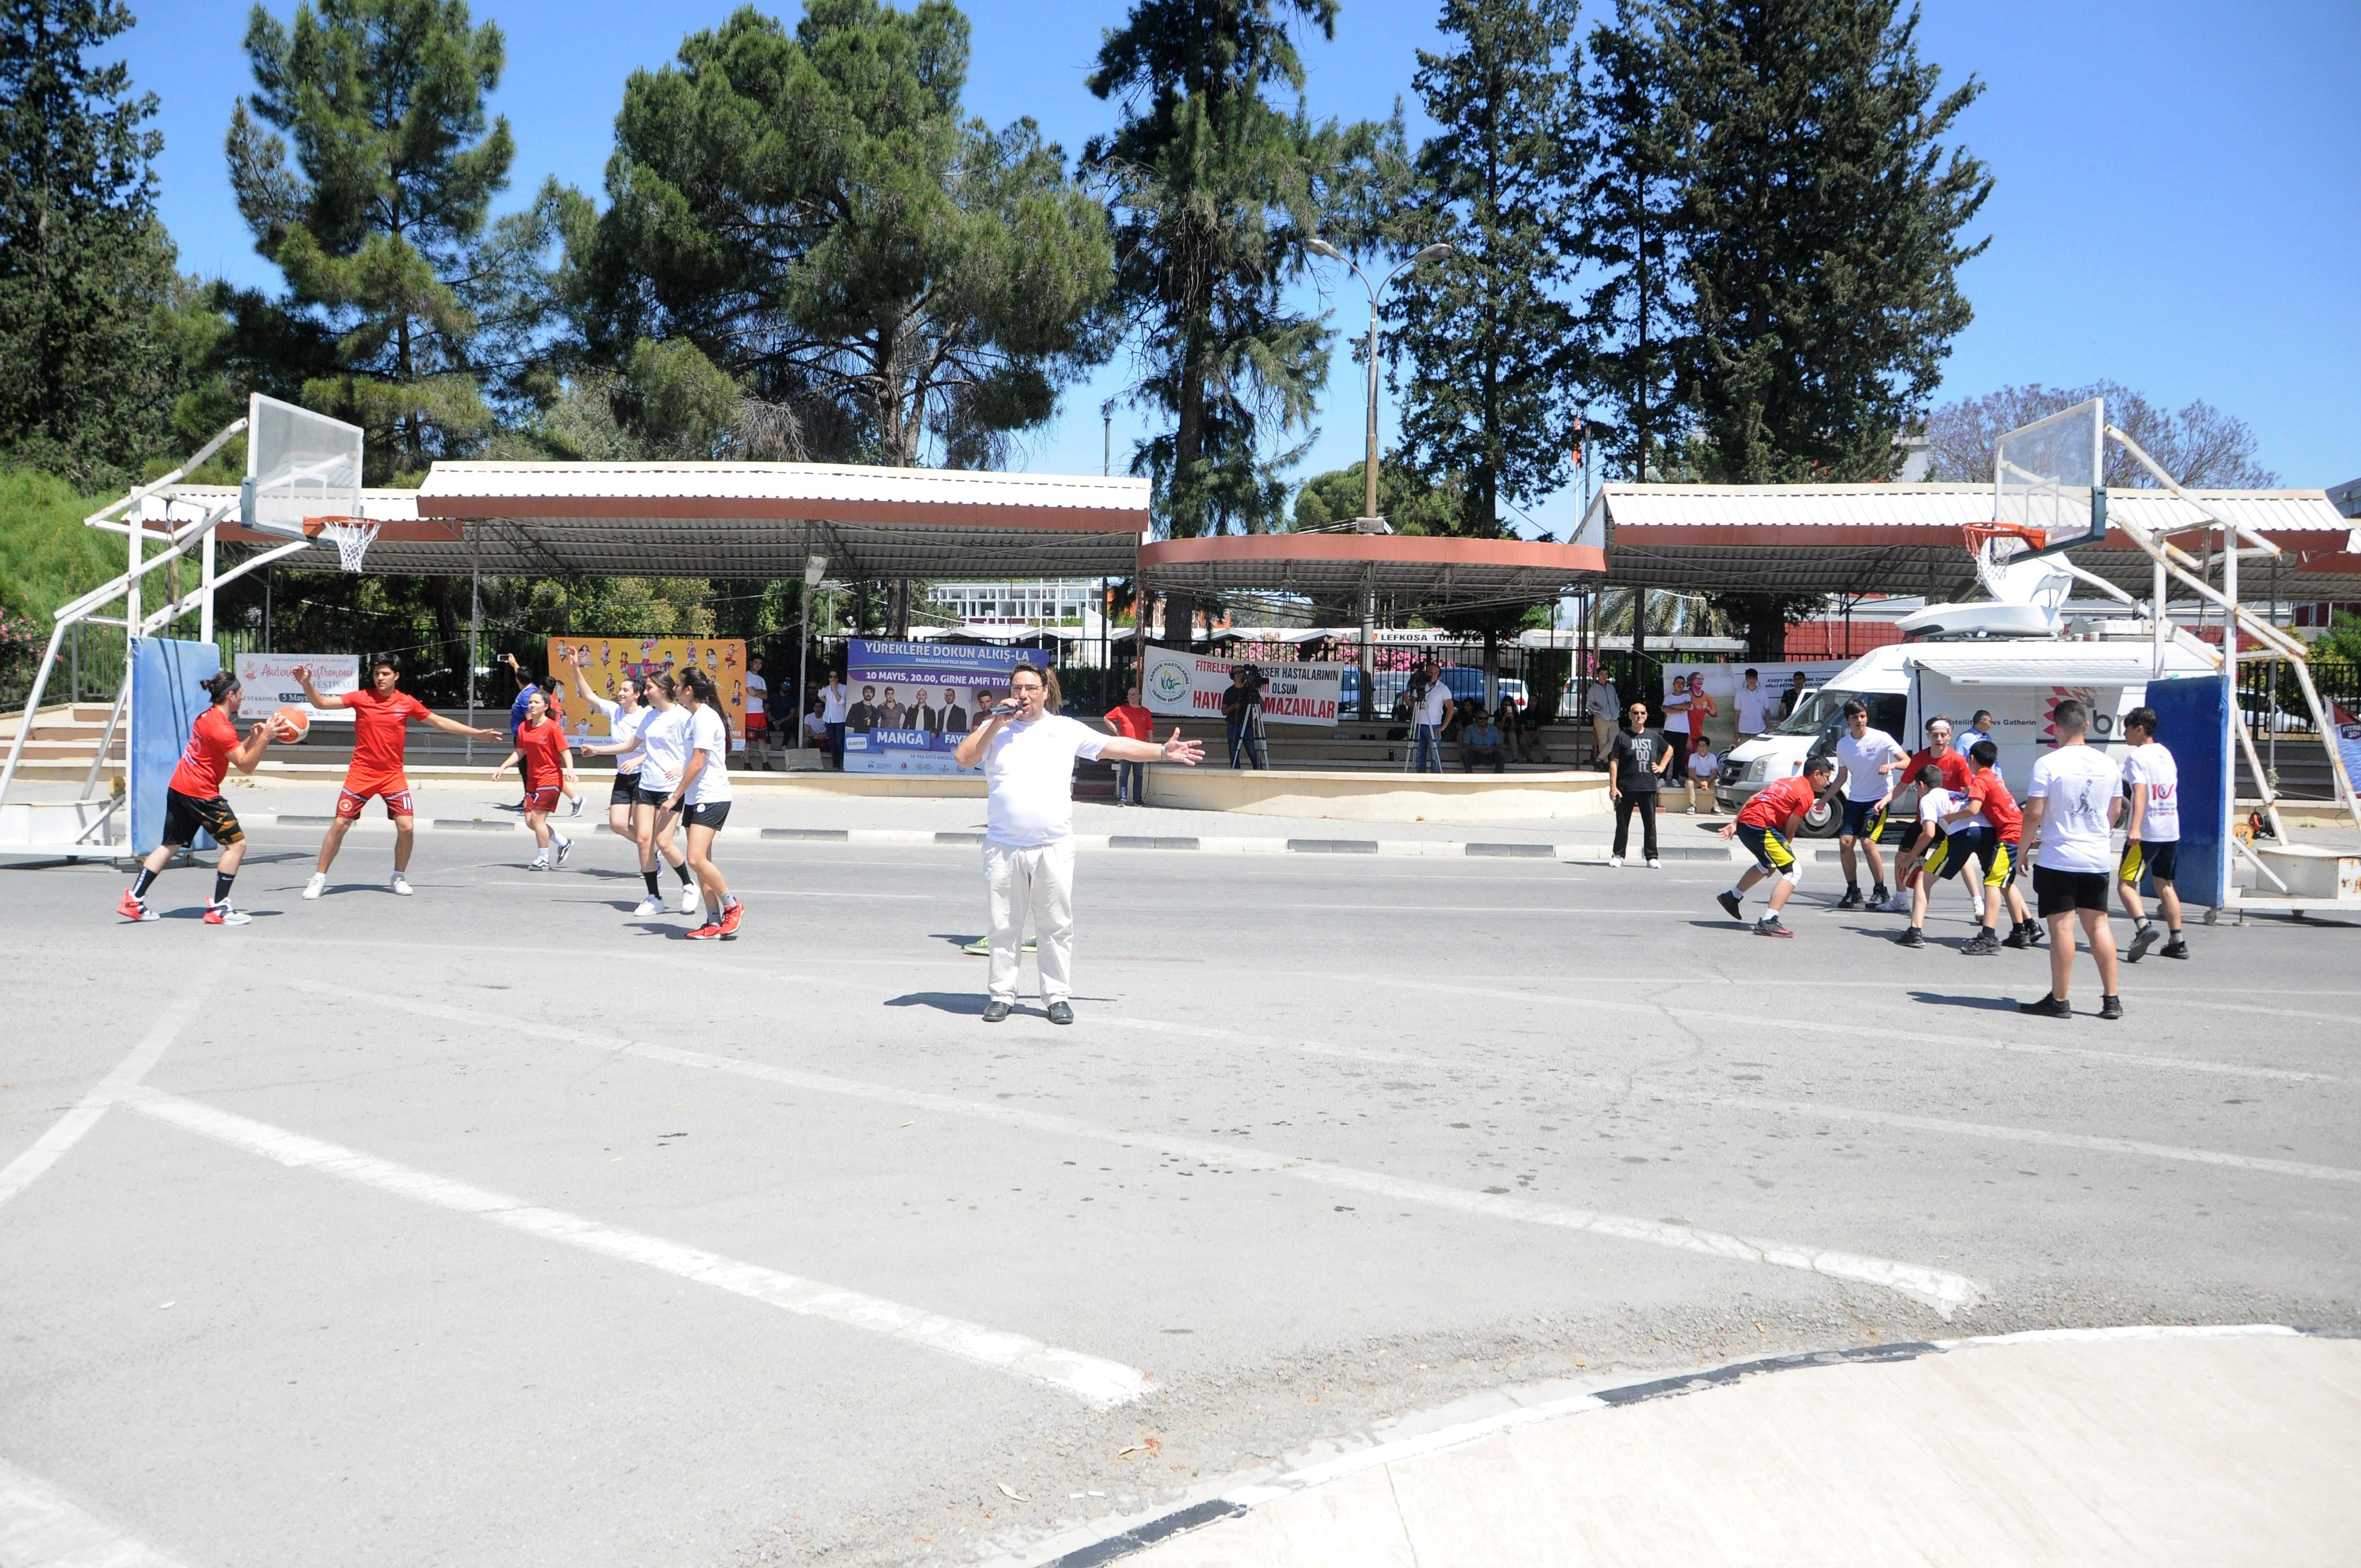 """""""Spor Yaparak Eğlen"""" sloganı ile """"Street Ball"""" etkinliği düzenlendi"""